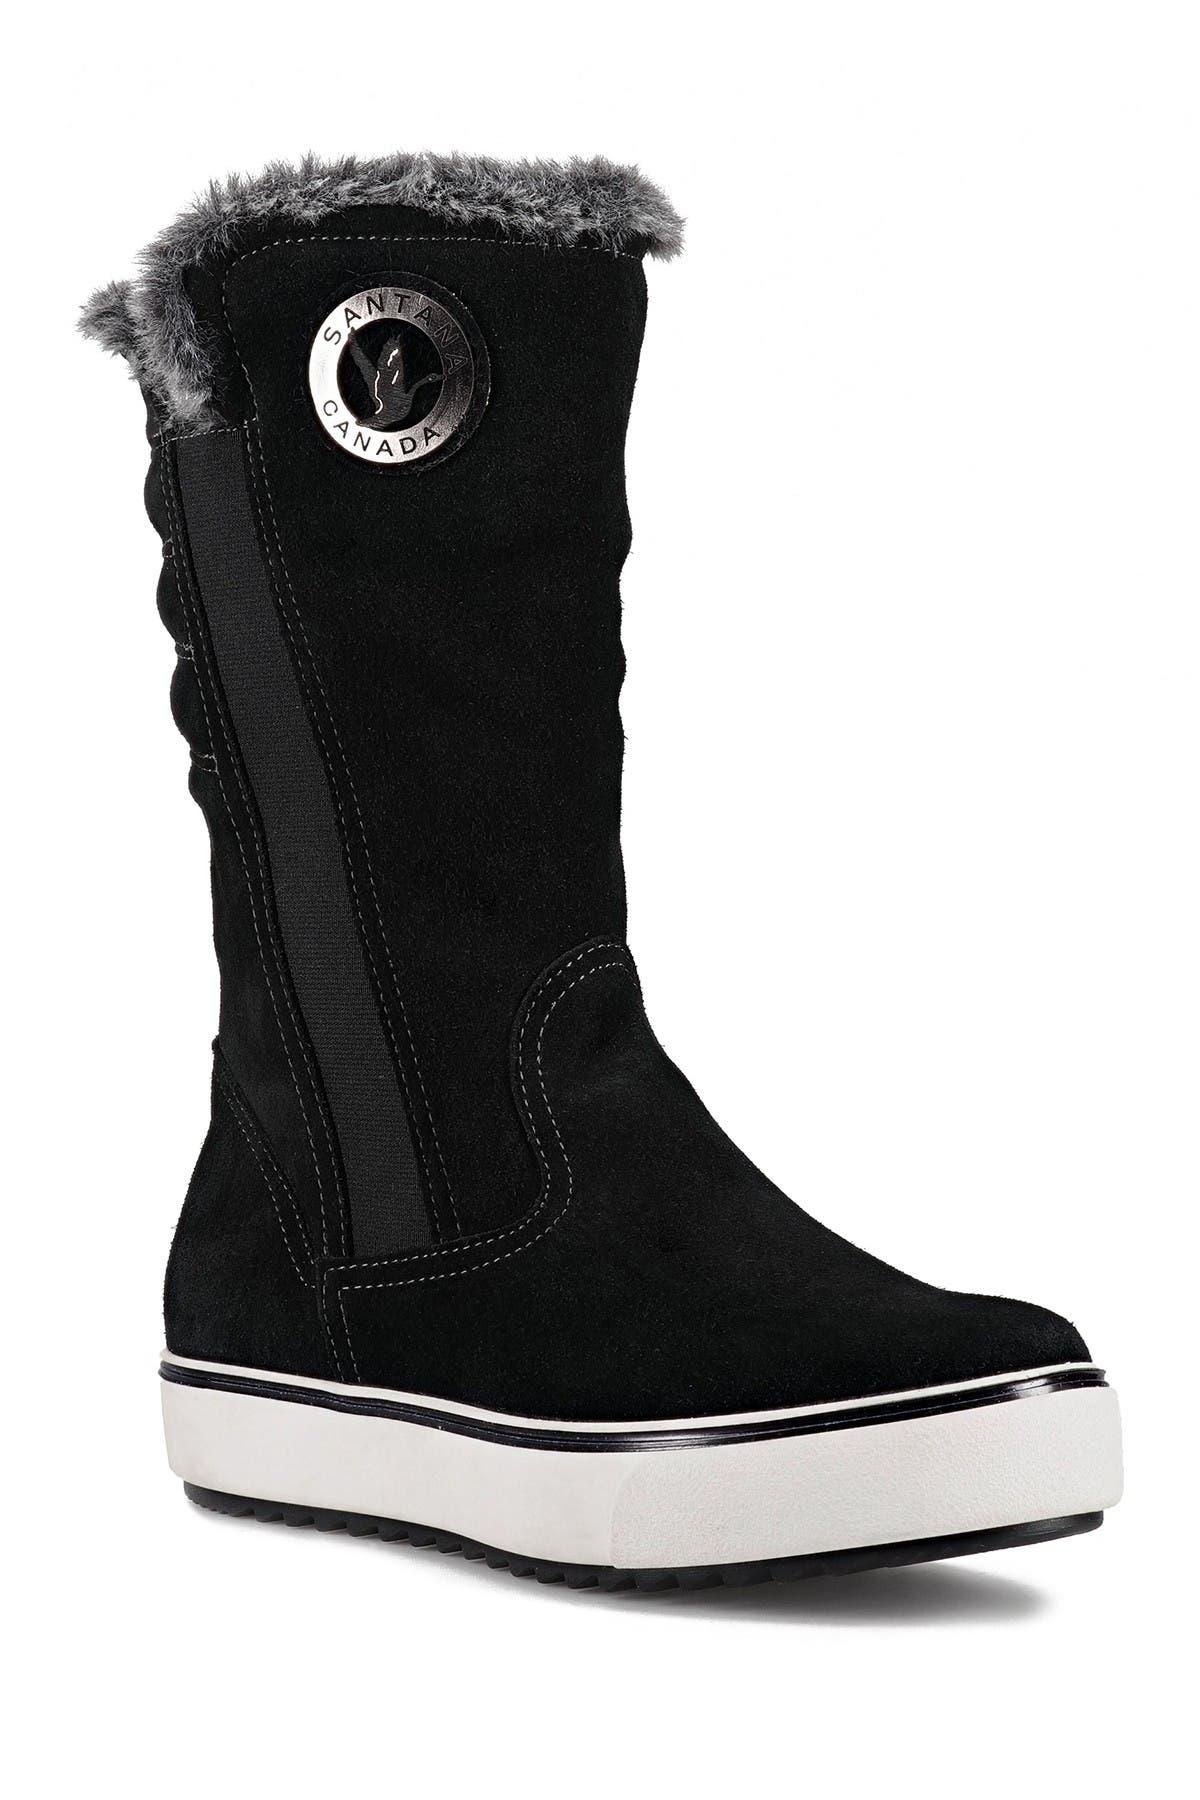 Women's Snow \u0026 Winter Boots | Nordstrom